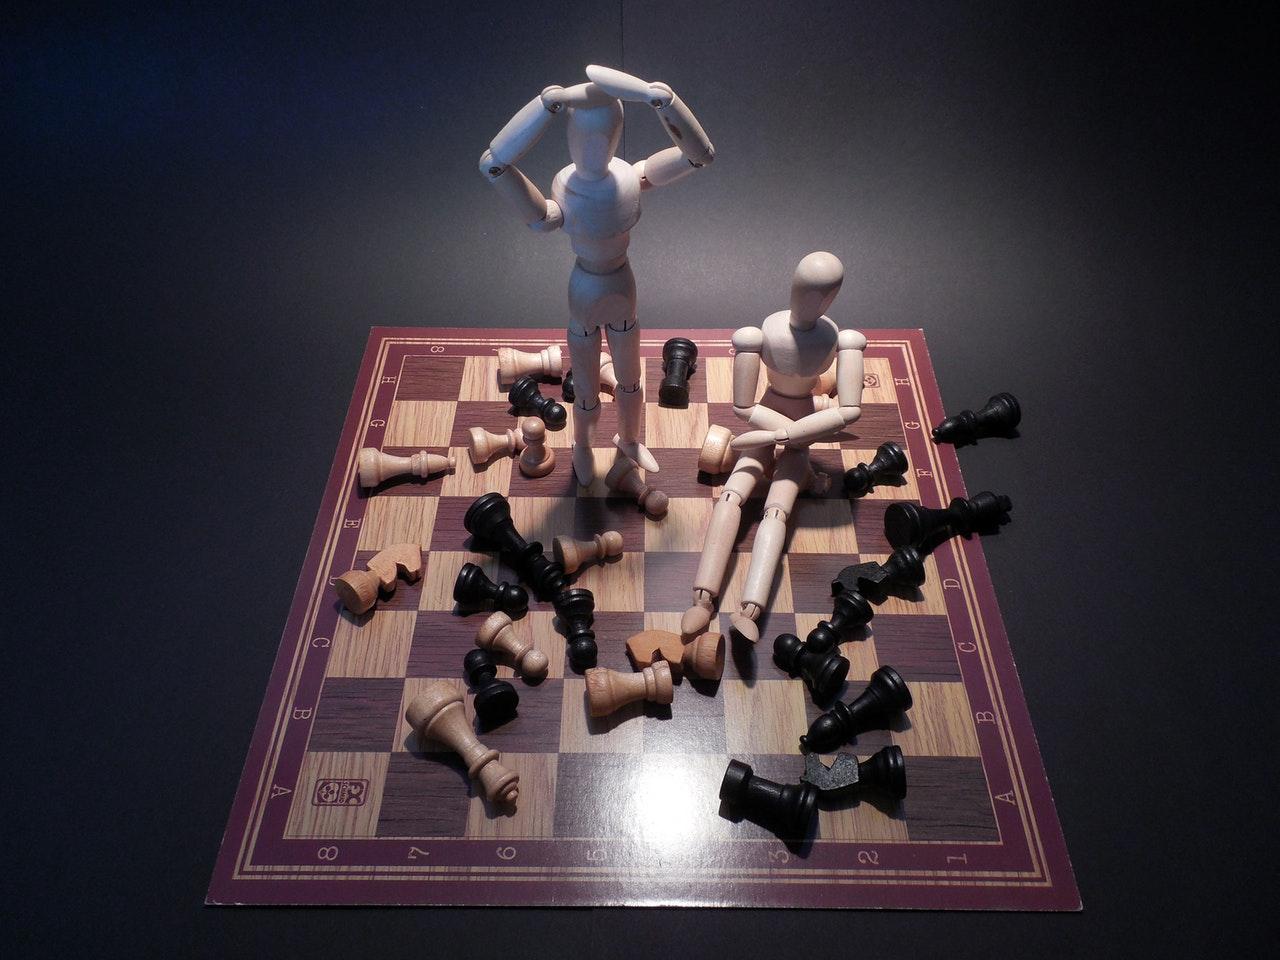 能让员工实现自我管理的,从来不是老板